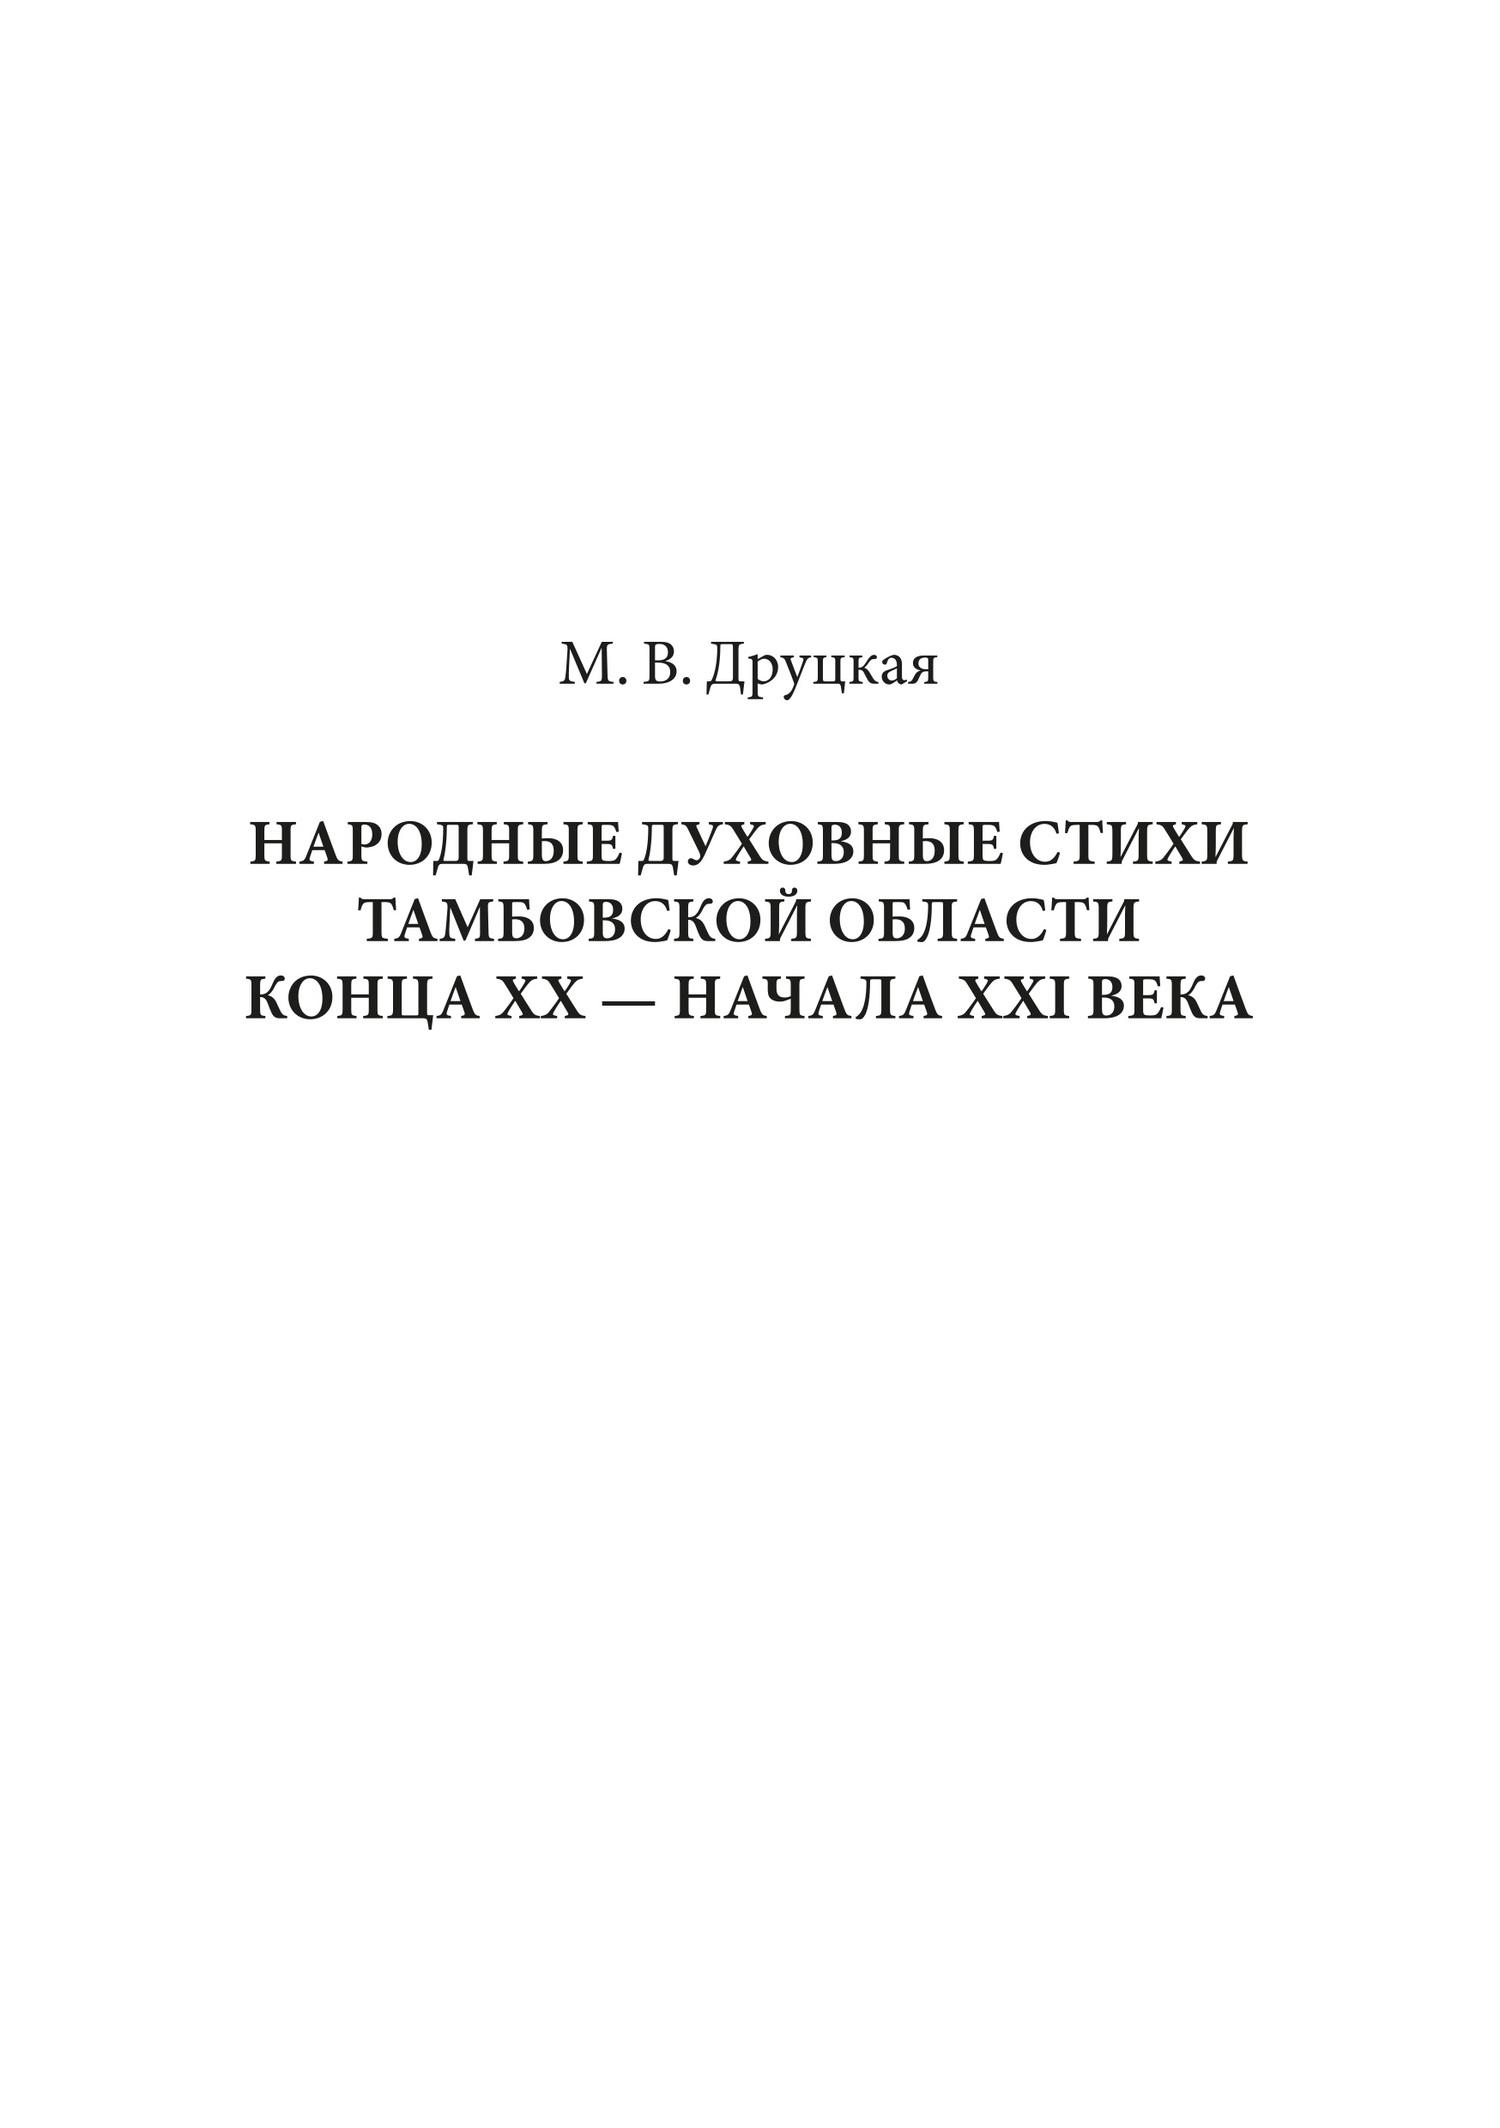 М. В. Друцкая. Народные духовные стихи Тамбовской области конца XX – начала XXI века